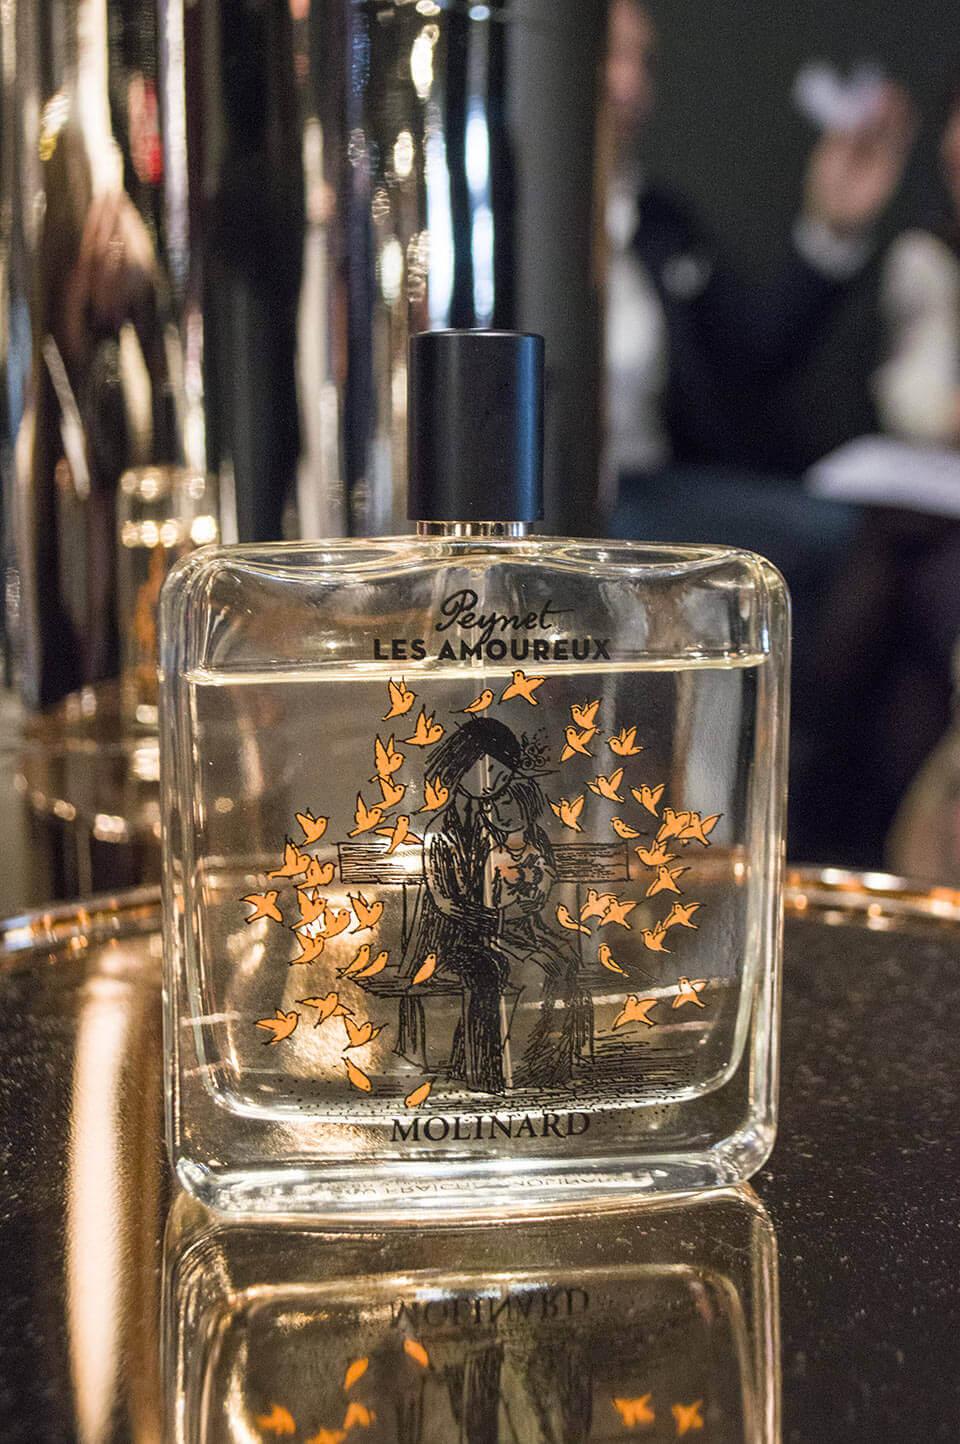 Perfume Les Amoureux da Molinard